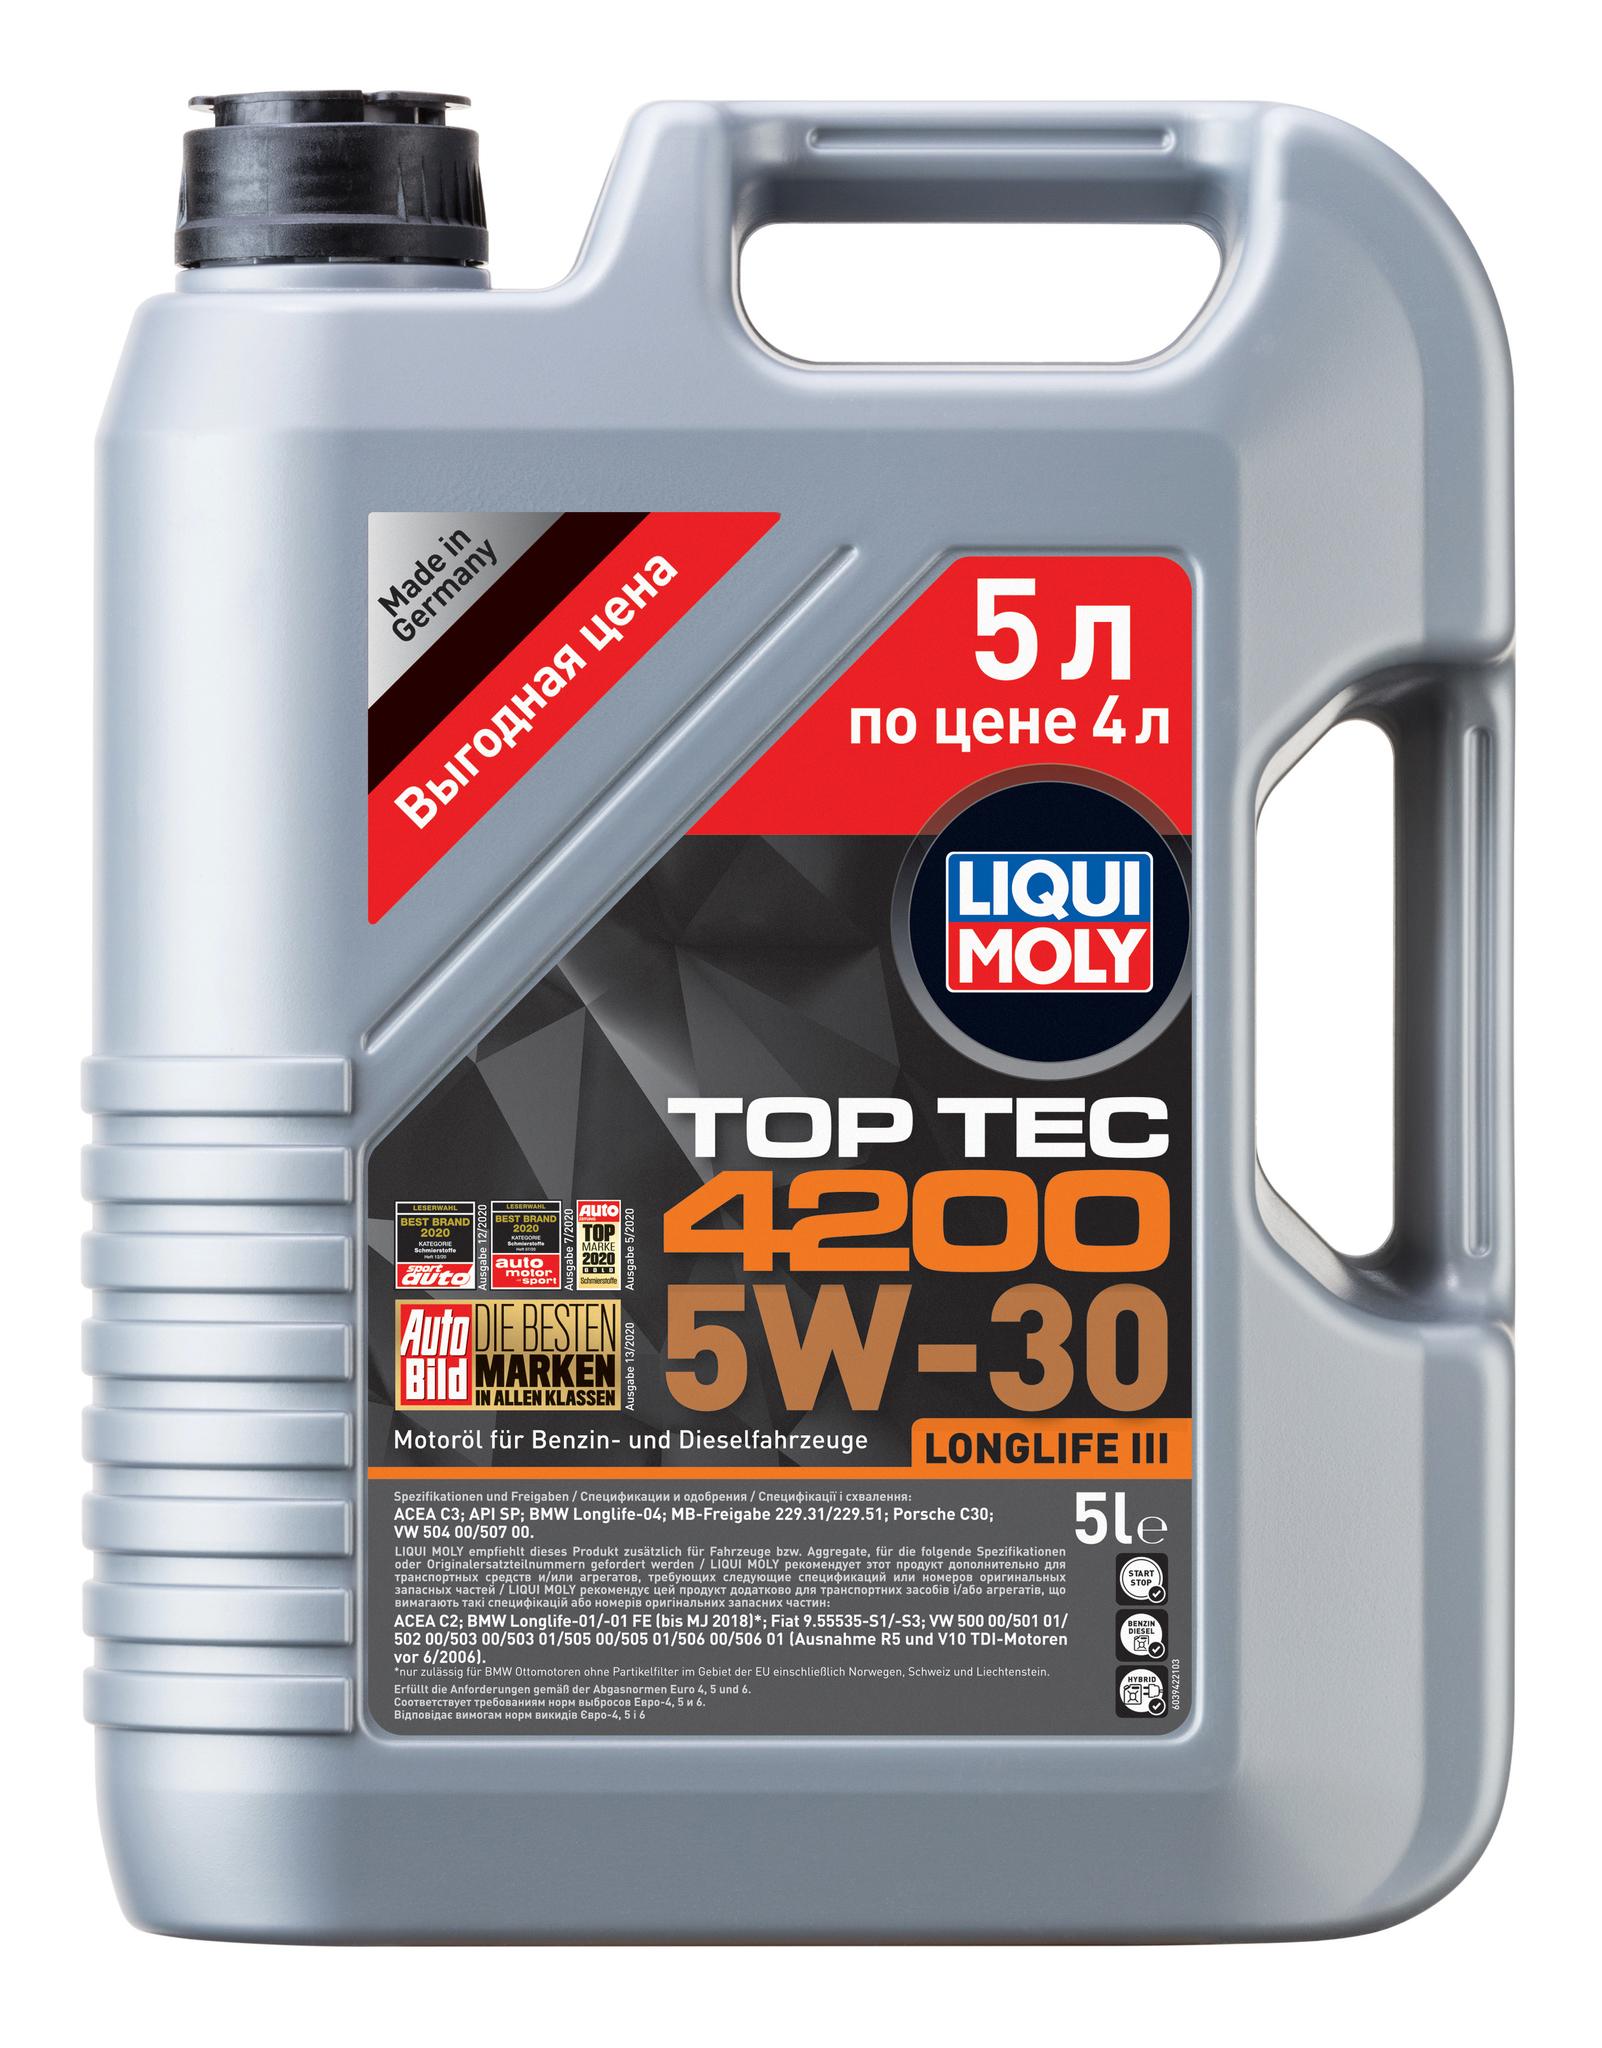 Liqui Moly Top Tec 4200 5W30  НС синтетическое моторное масло для Volkswagen, Audi (7661)